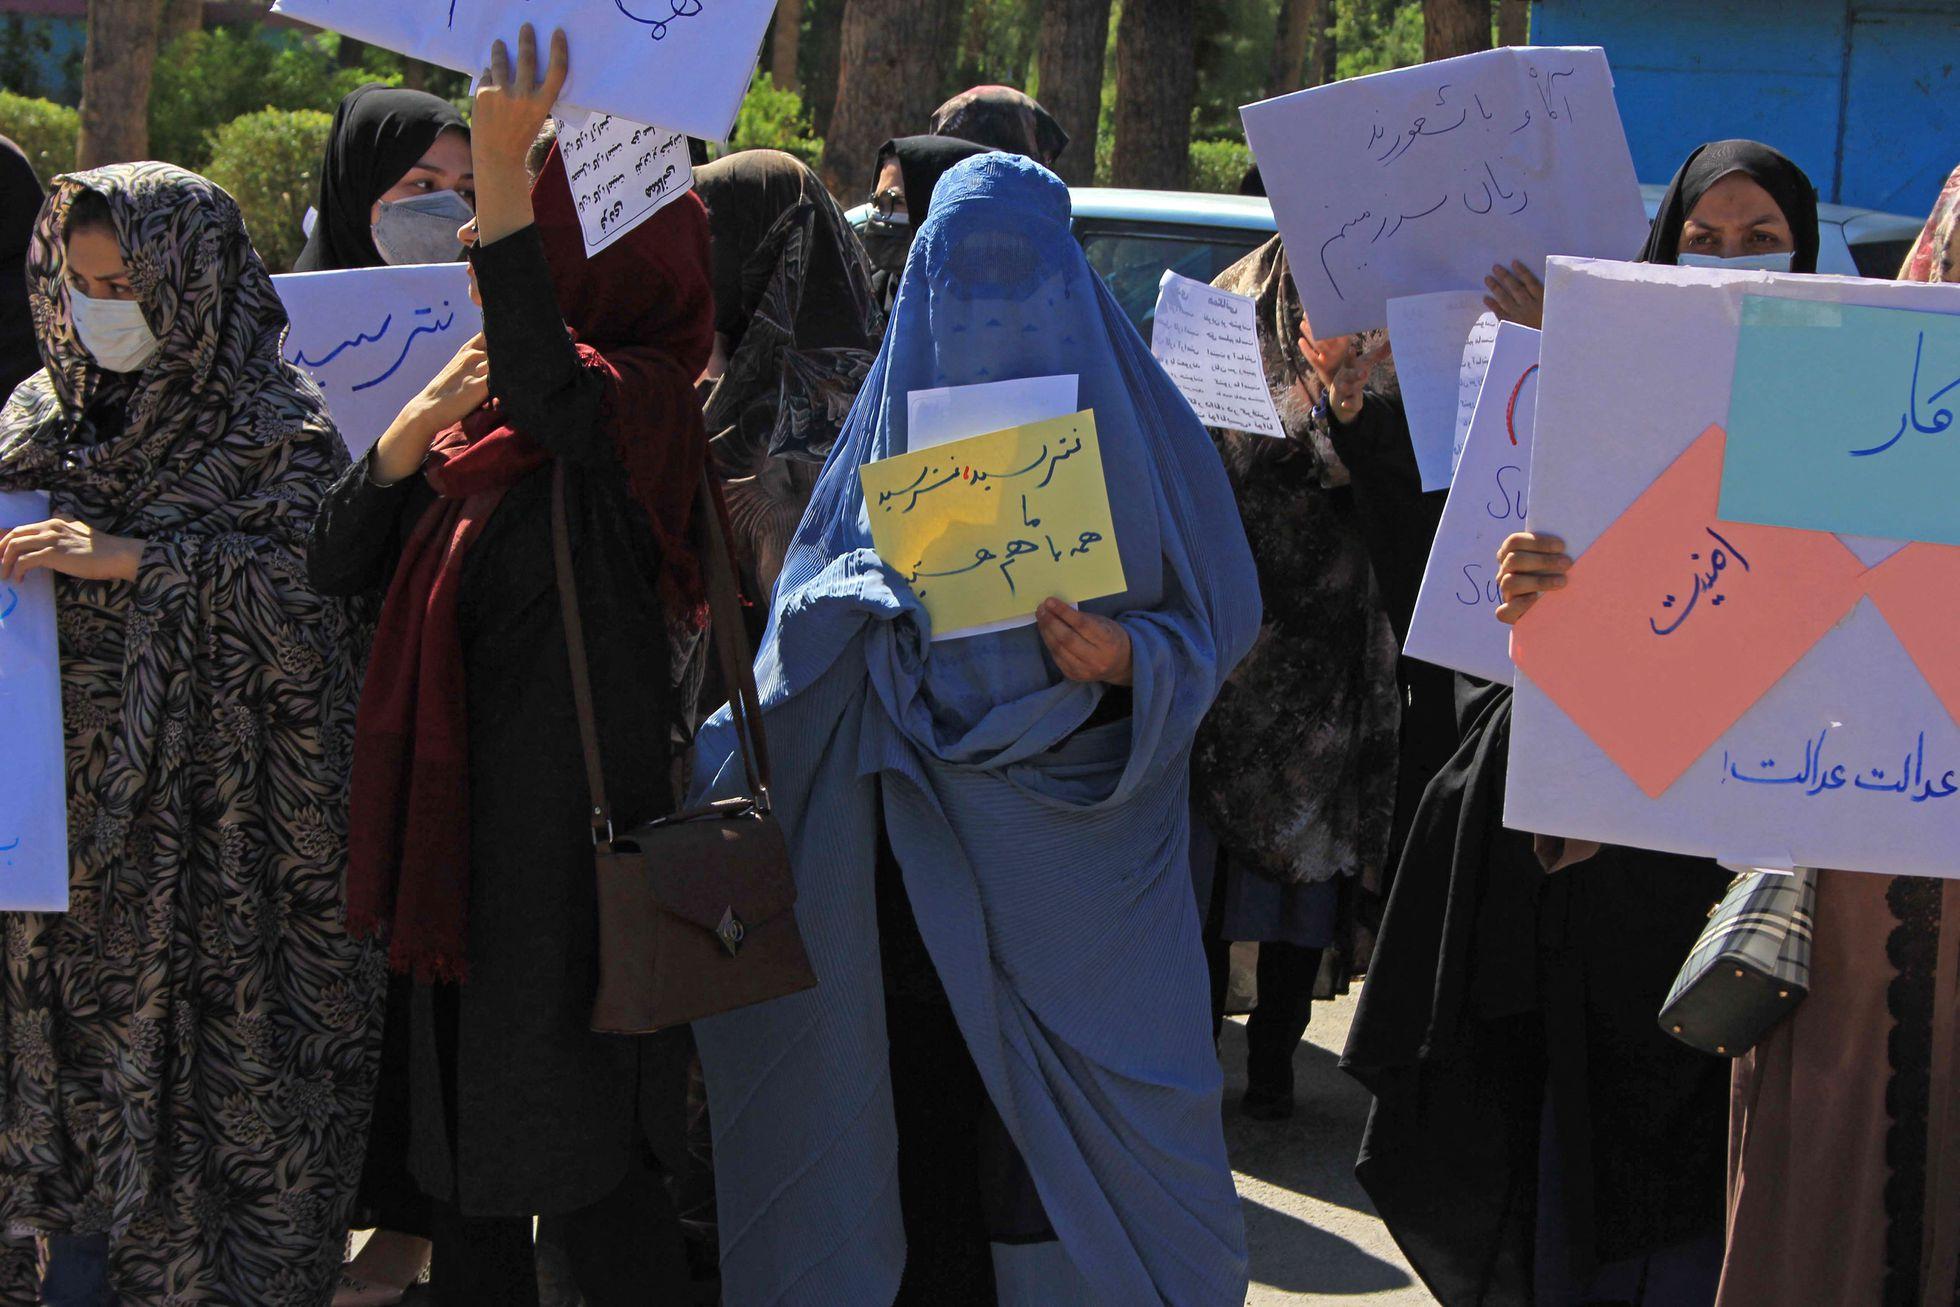 ქალაქ ჰერათში 30-მდე ქალმა უფლებების დაცვის მოთხოვნით აქცია მოაწყო